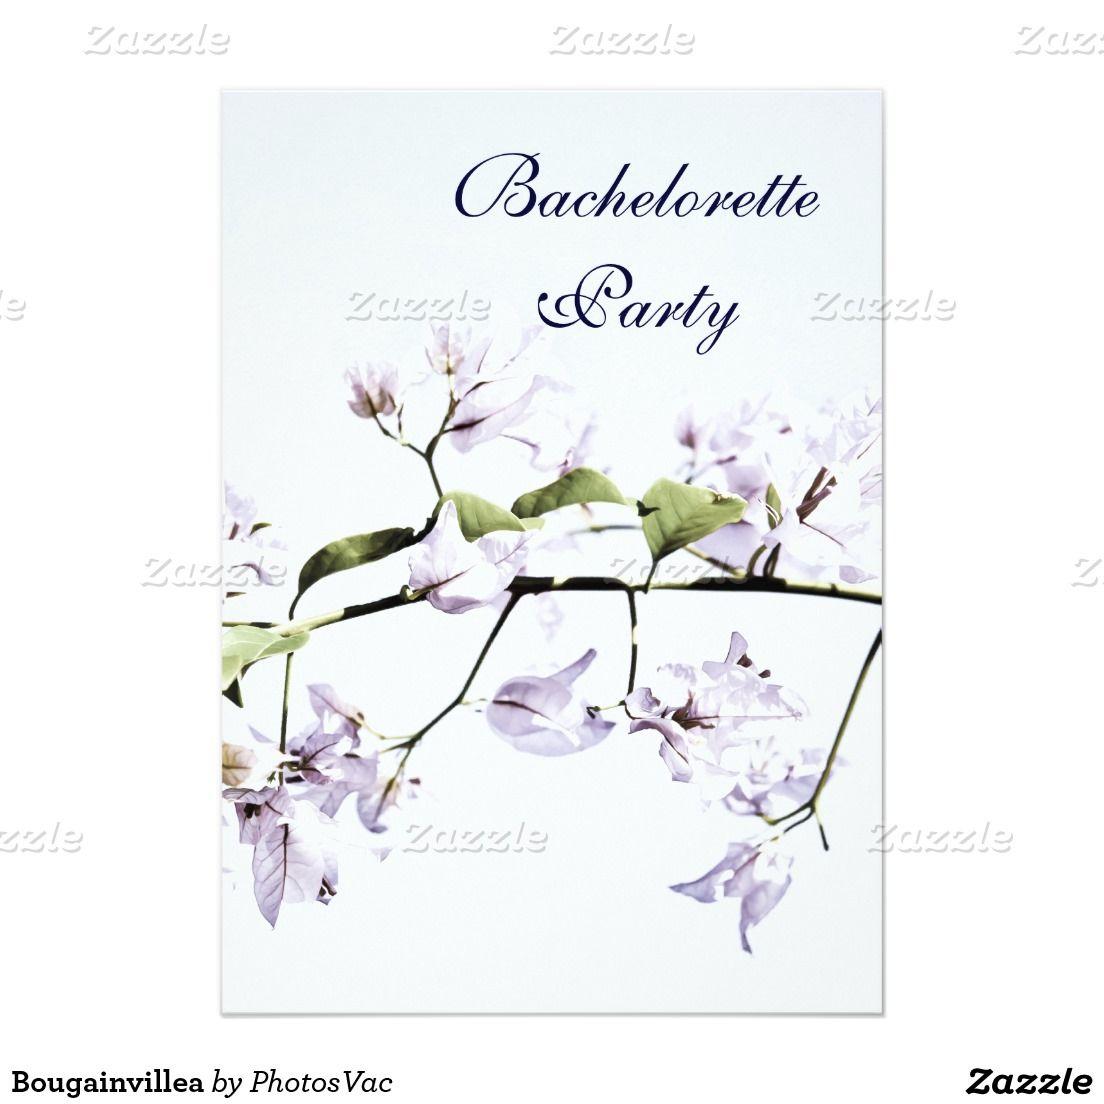 #Bougainvillea 5x7 Paper #Invitation #Card #bachelorette #party